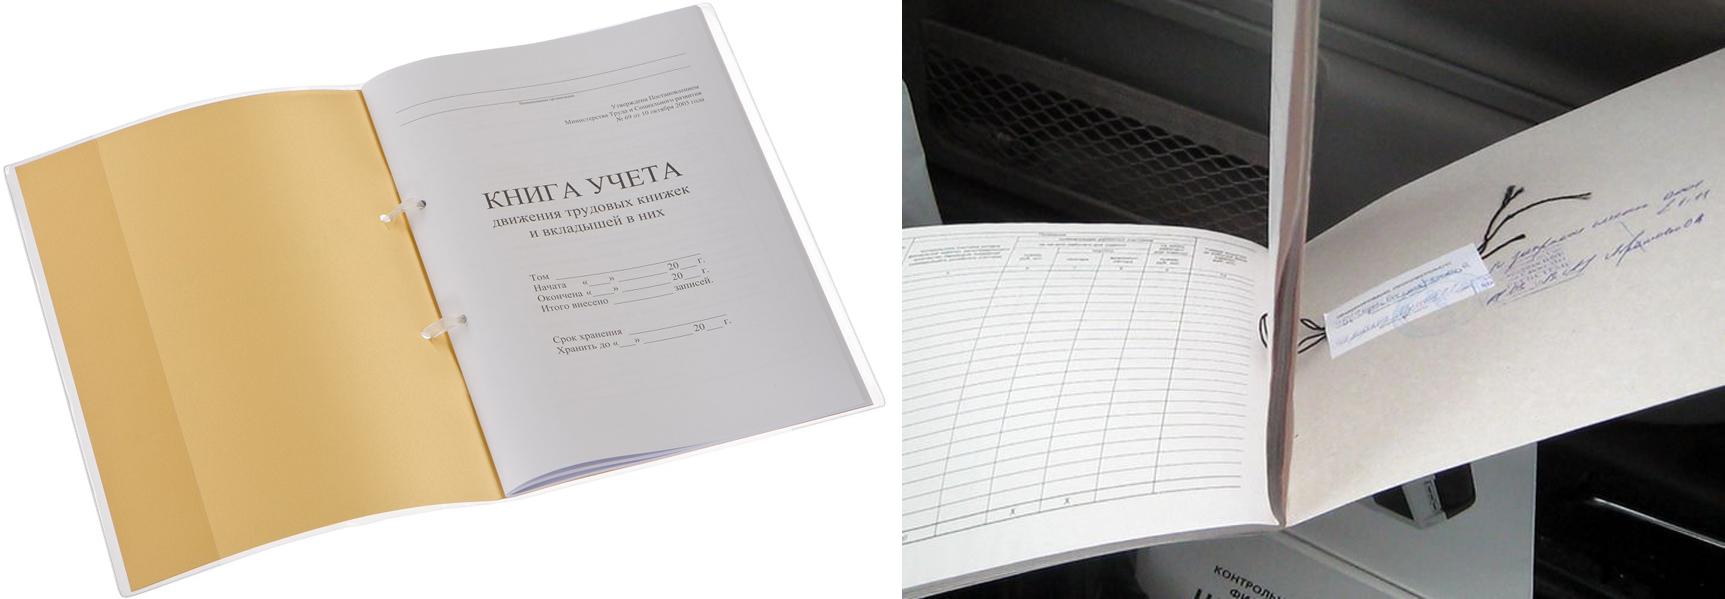 Documenti HR in Russia: libro registrazione di libretti di lavoro